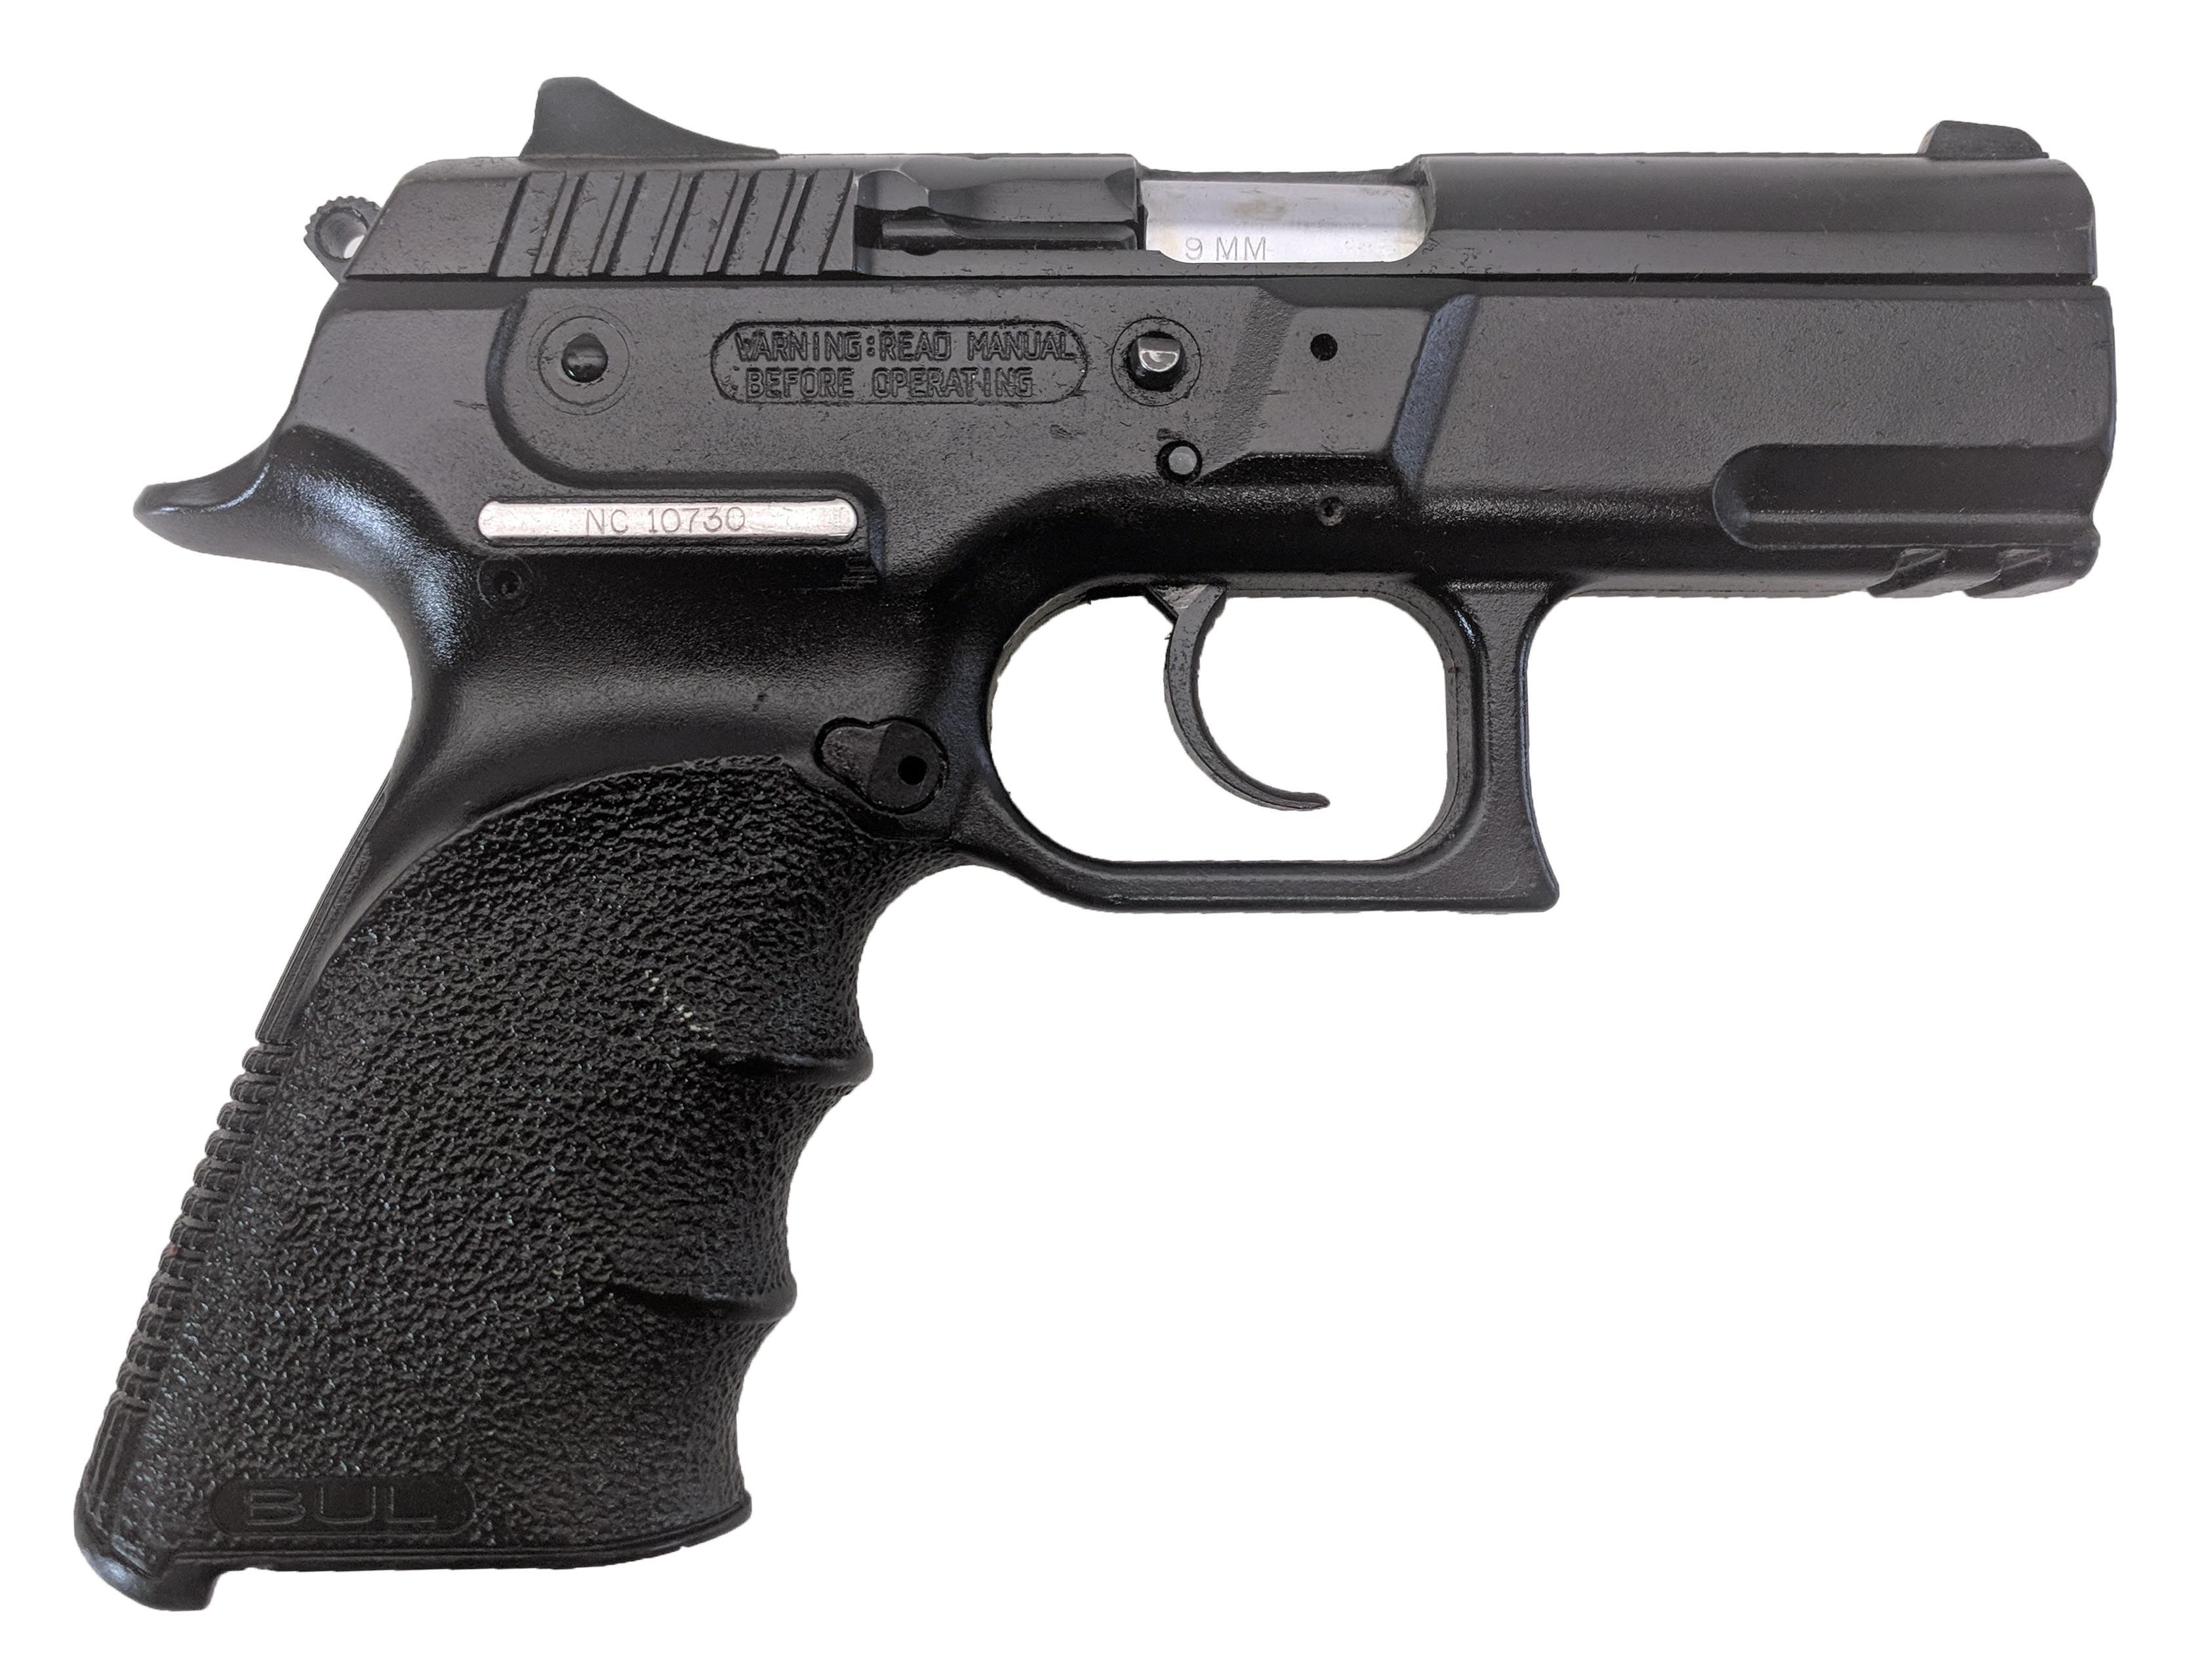 BUL G-Cherokee, 9mm, No Magazine, *Very Good*